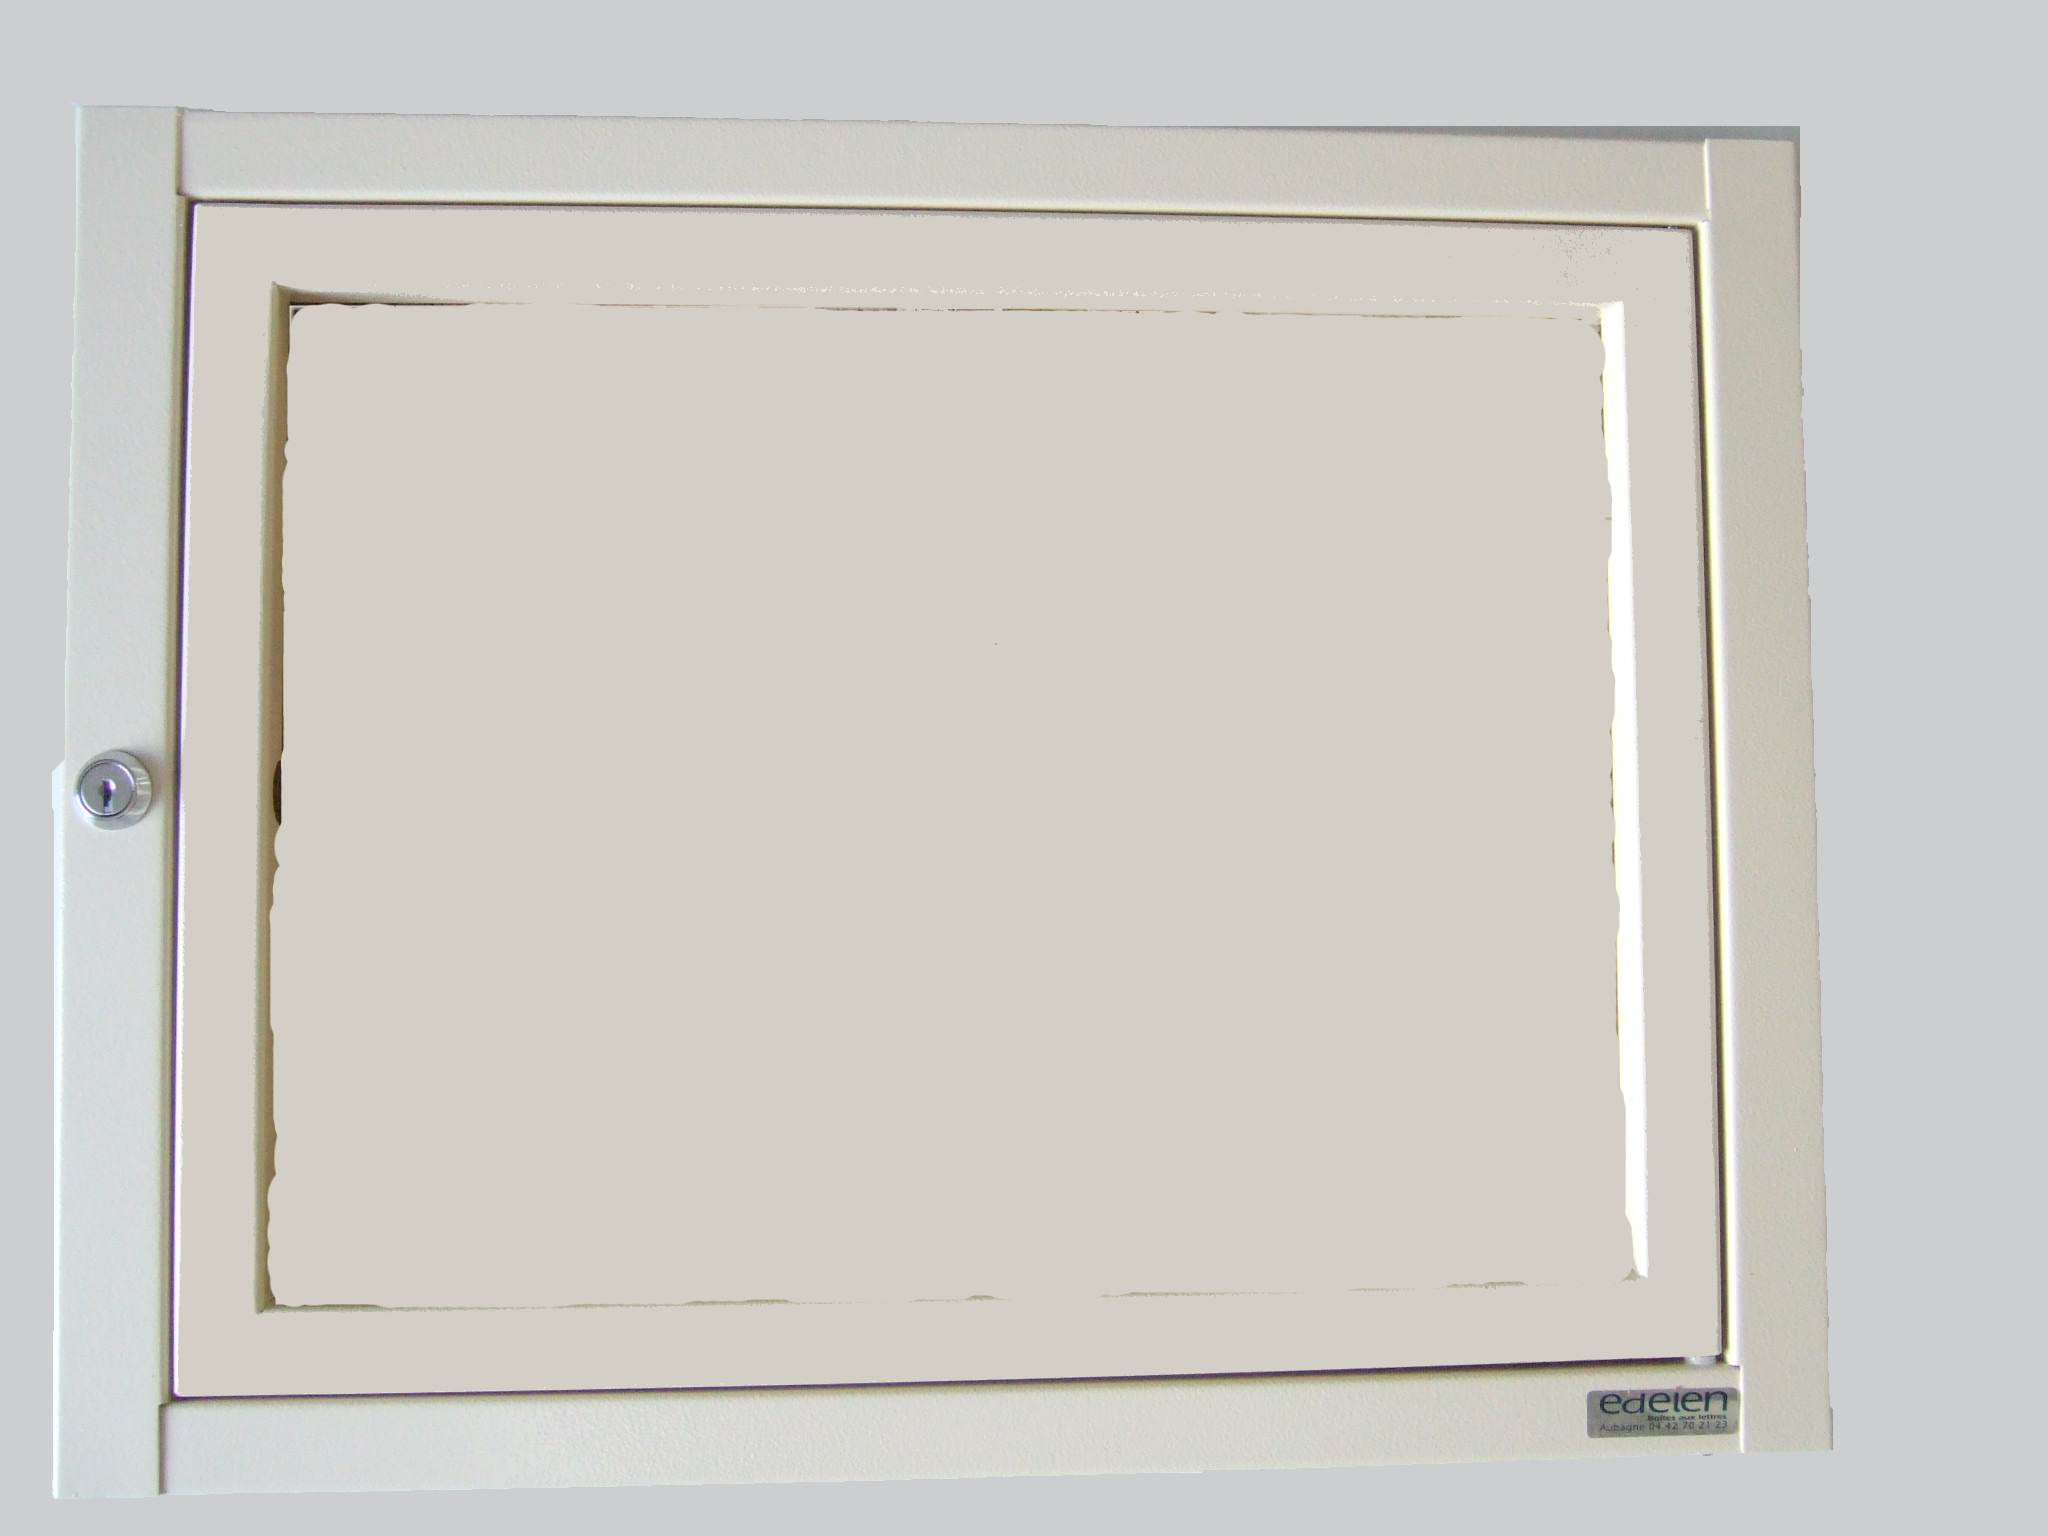 tableau d 39 affichage acier vitrine d 39 affichage copropri t immeuble collectif. Black Bedroom Furniture Sets. Home Design Ideas